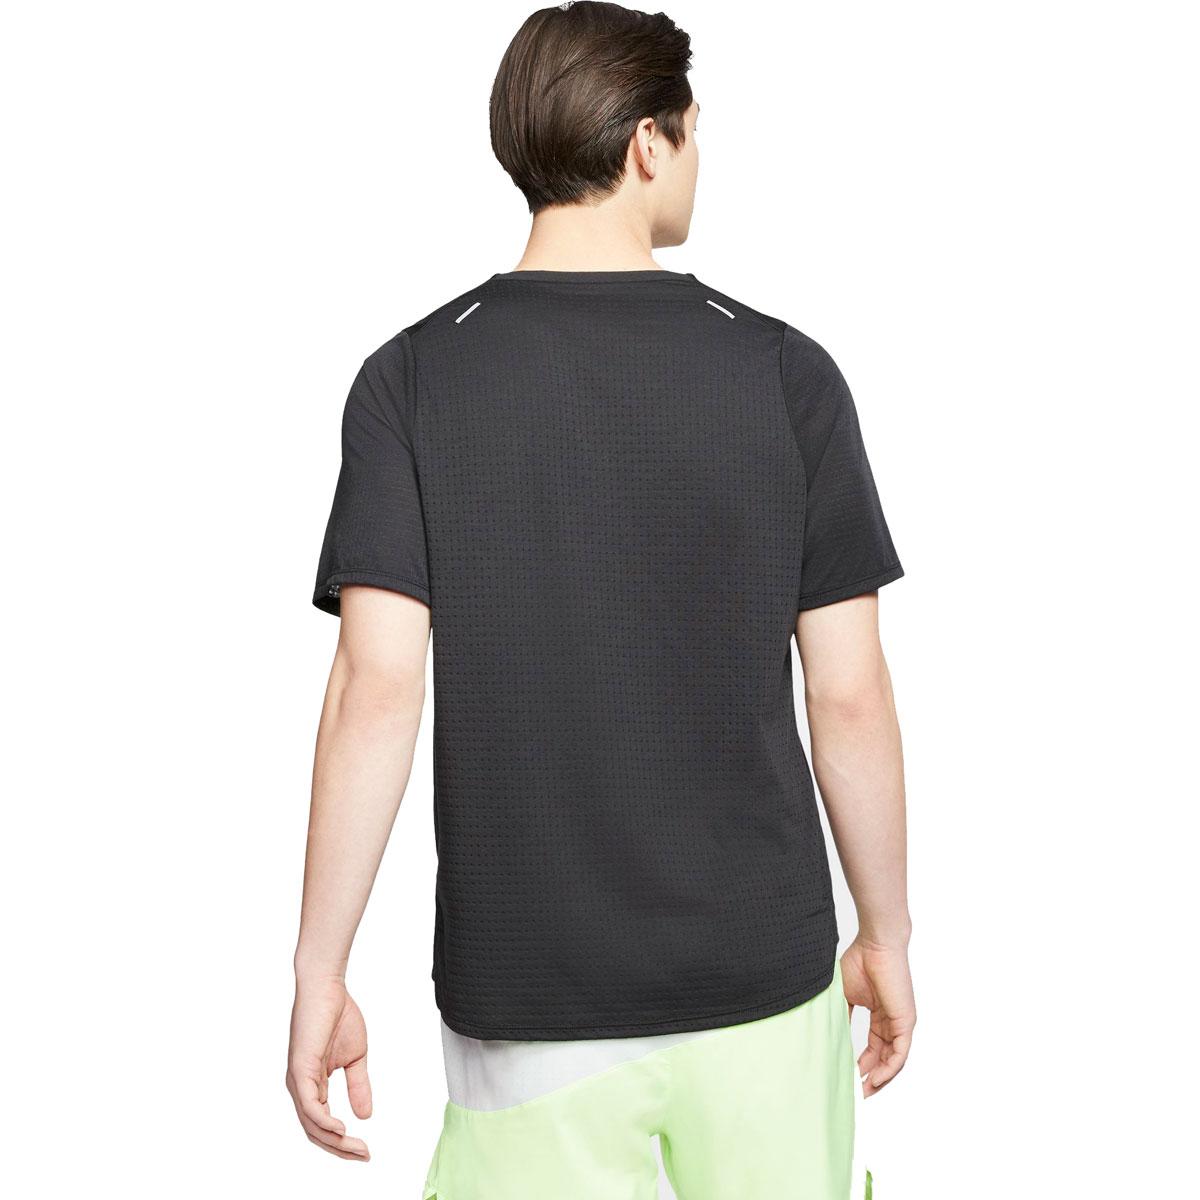 Men's Nike Rise 365 Running Top, , large, image 2